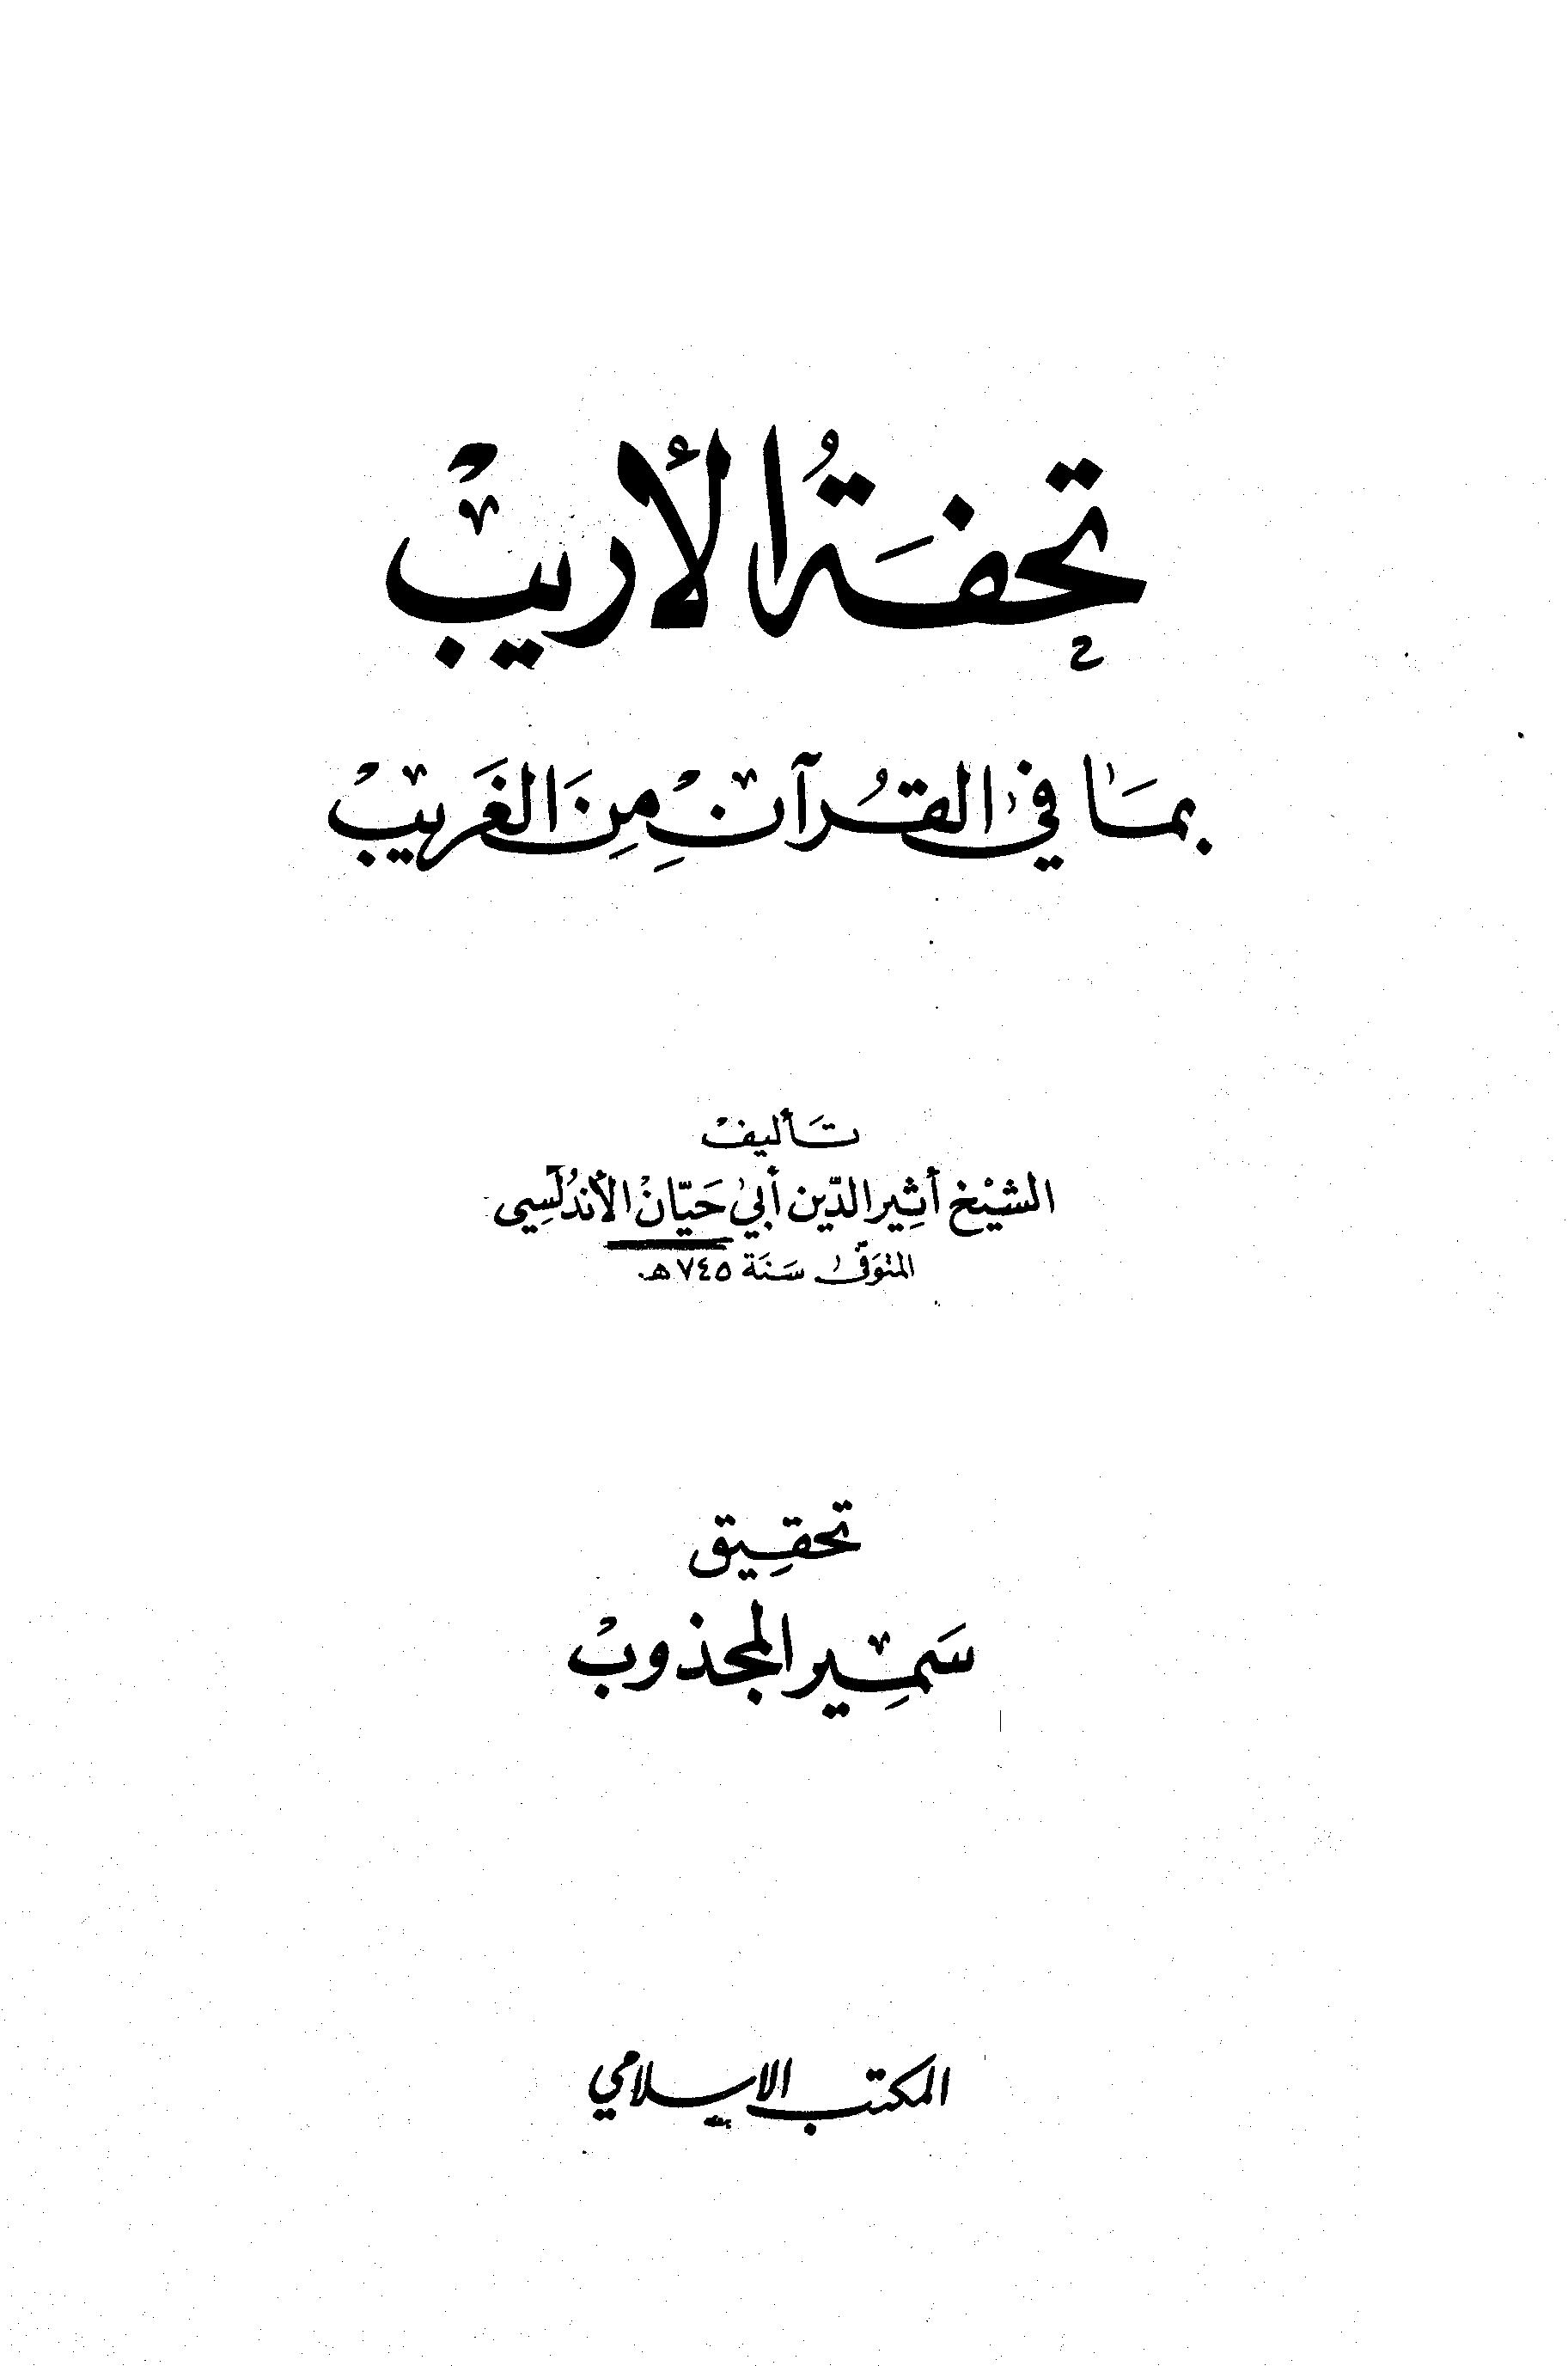 تحميل كتاب تحفة الأريب بما في القرآن من الغريب لـِ: الإمام أبو حيان محمد بن يوسف بن علي بن يوسف بن حيان أثير الدين الأندلسي (ت 745)